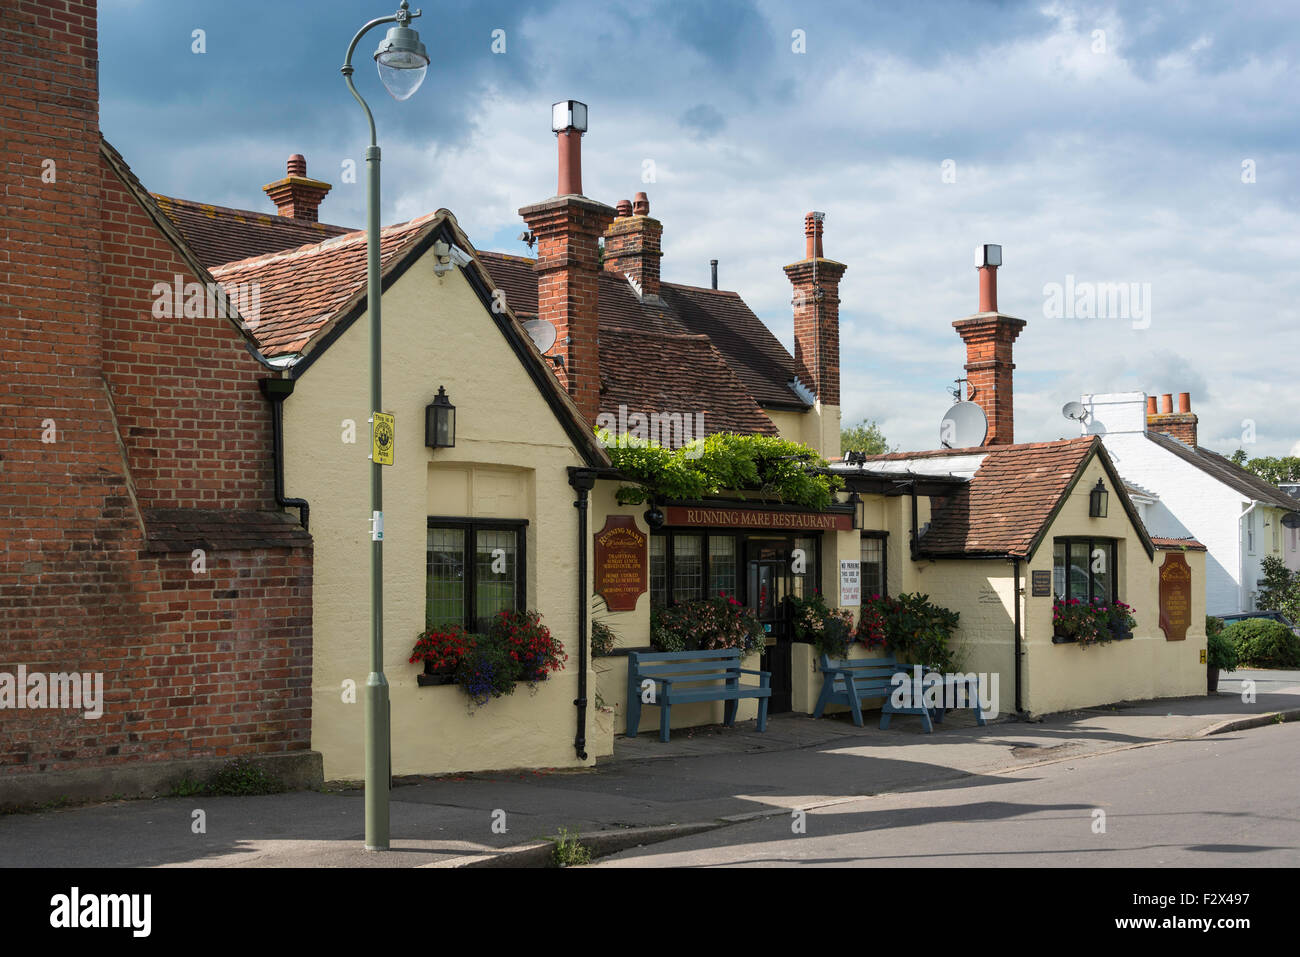 Il XVIII secolo in esecuzione Mare Freehouse Pub & Ristorante, Inclinazione verde, Cobham, Surrey, England, Immagini Stock